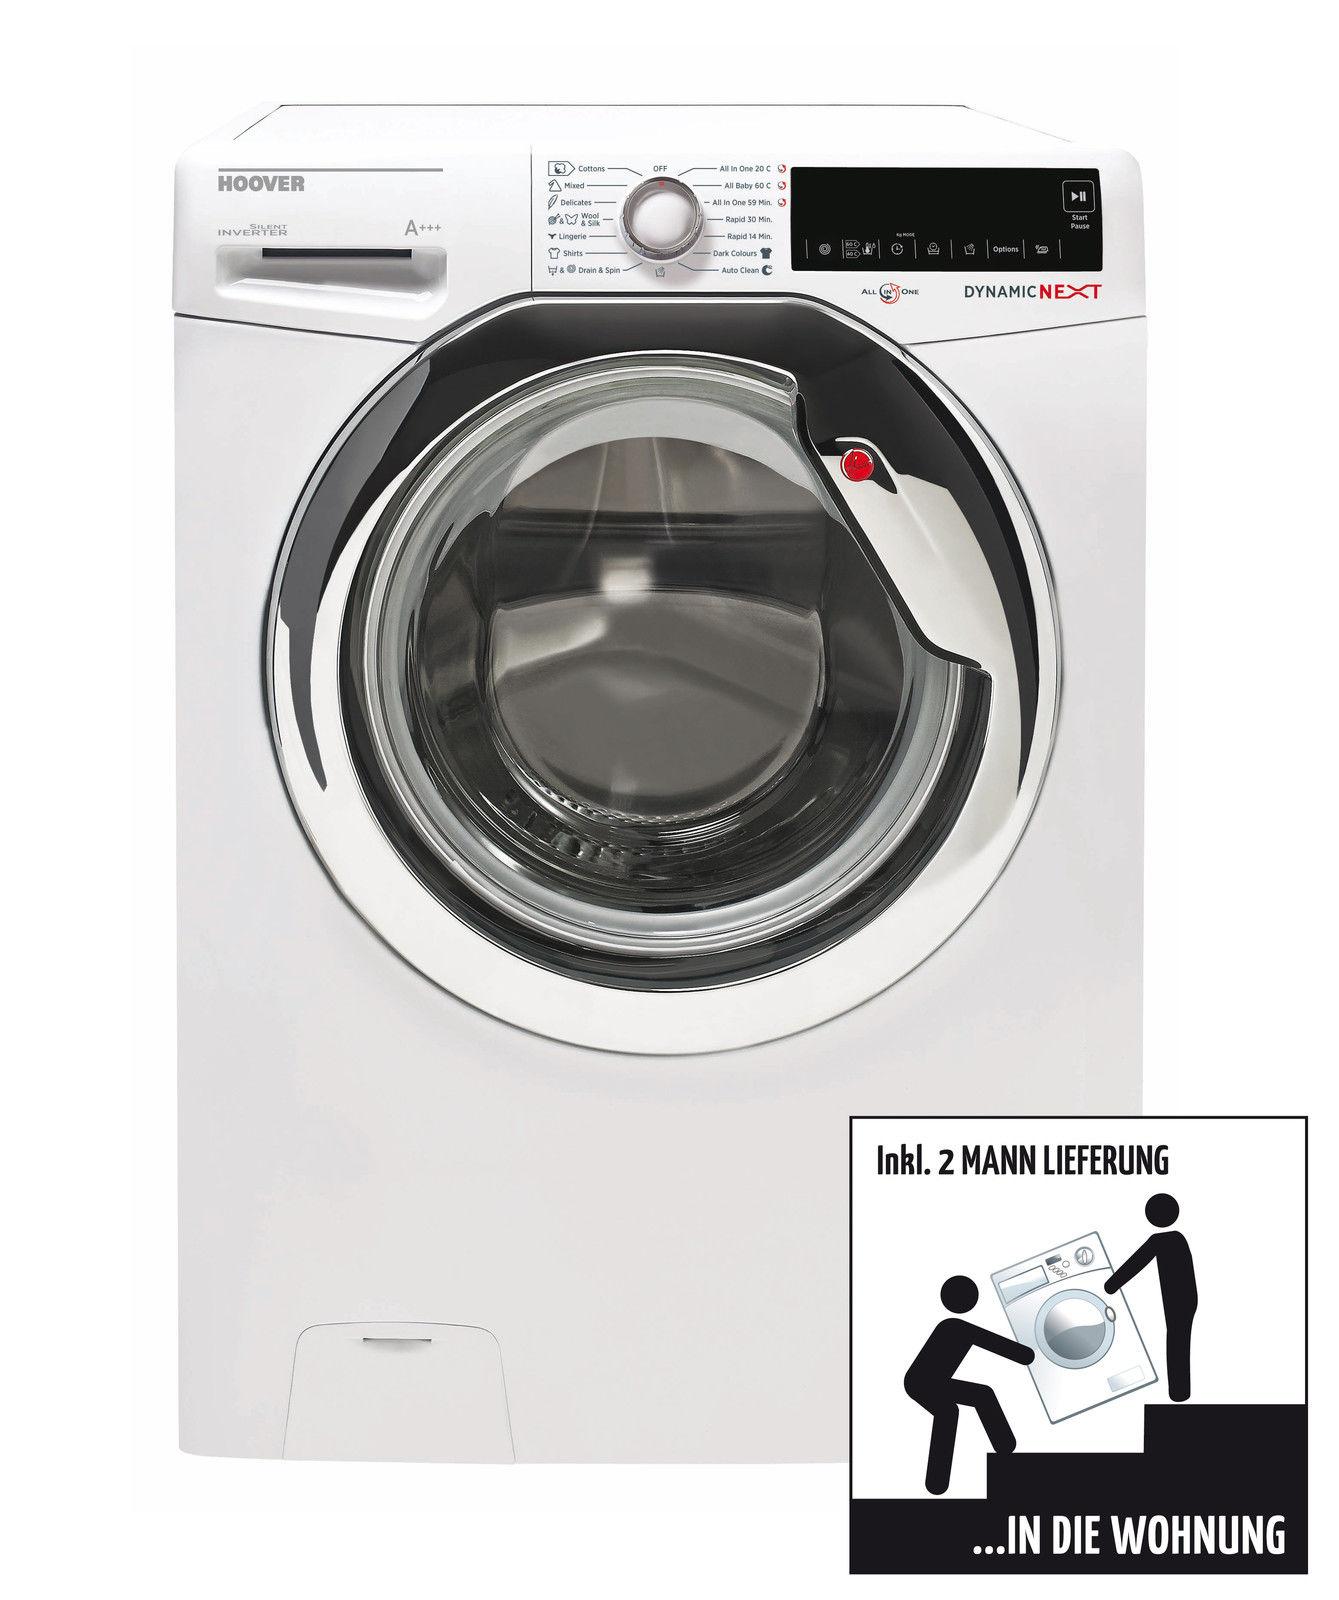 Hoover DXA59 AH -S Dynamic Next Waschmaschine, EEK: A+++, 1500 U/Min, 9 KG  inkl. 2 Mann Lieferung in die Wohnung oder Keller @ebay 349,90€